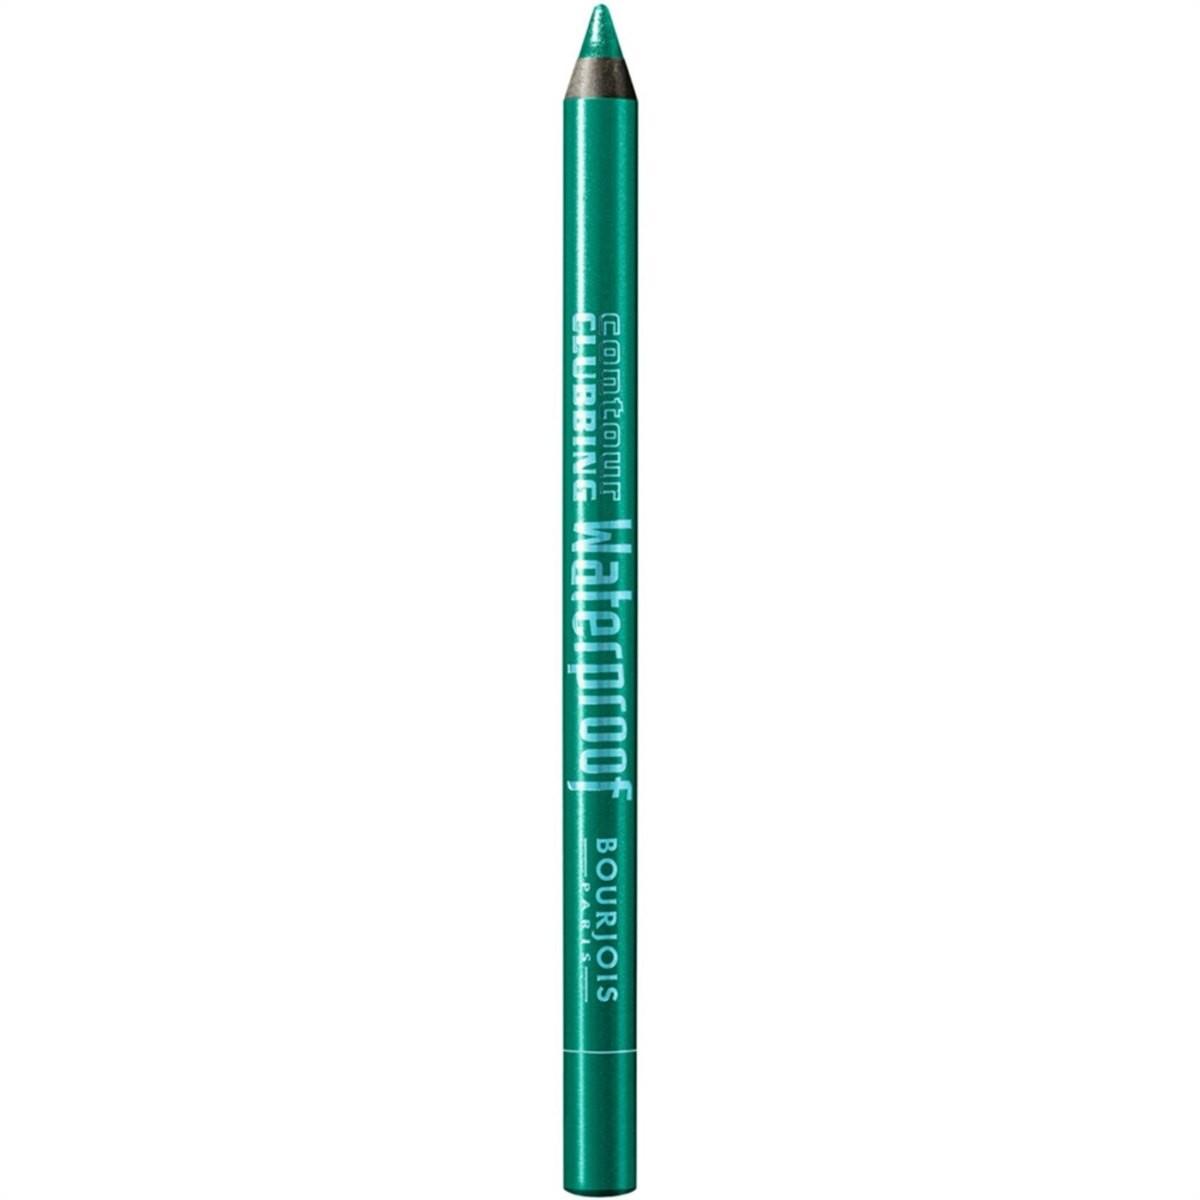 Lápis contour clubbing waterproof loving green Bourjois R$ 42,90 (Foto: divulgação)